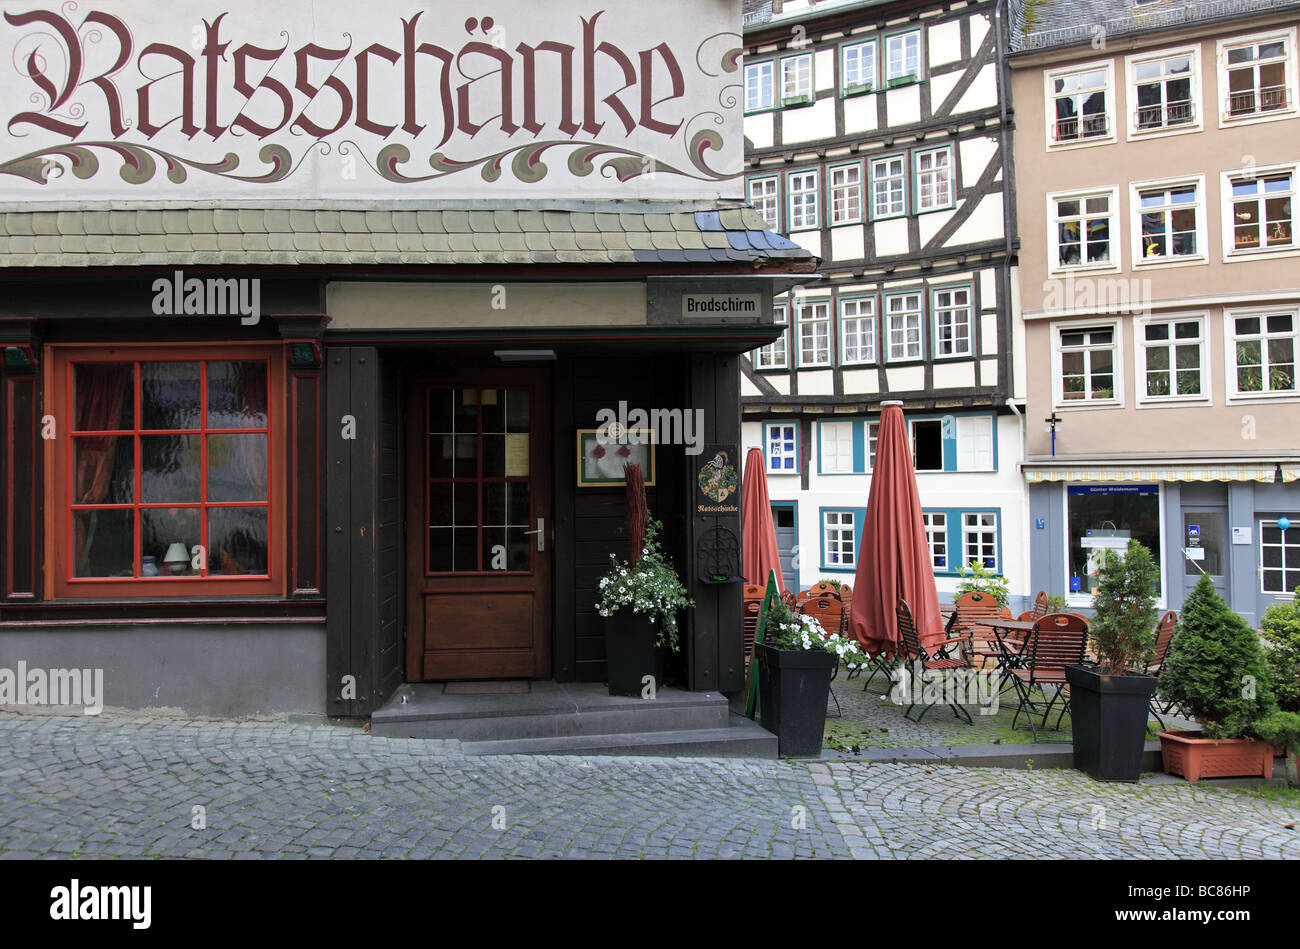 Kleines Restaurant in der Altstadt von Wetzlar Deutschland Stockfoto ...